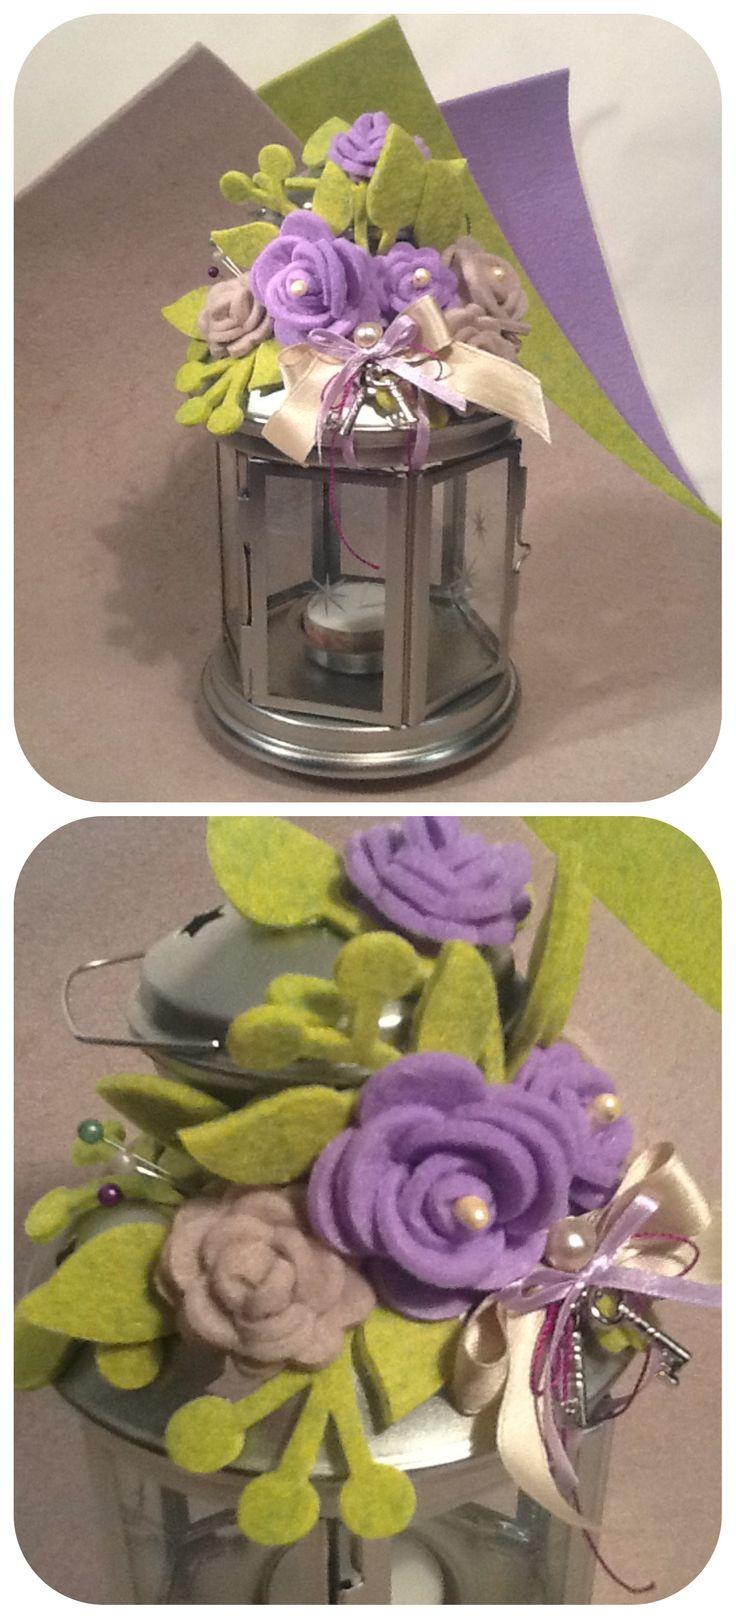 Lanterna decorata con fiori di feltro, nastri e ciondoli d'argento.